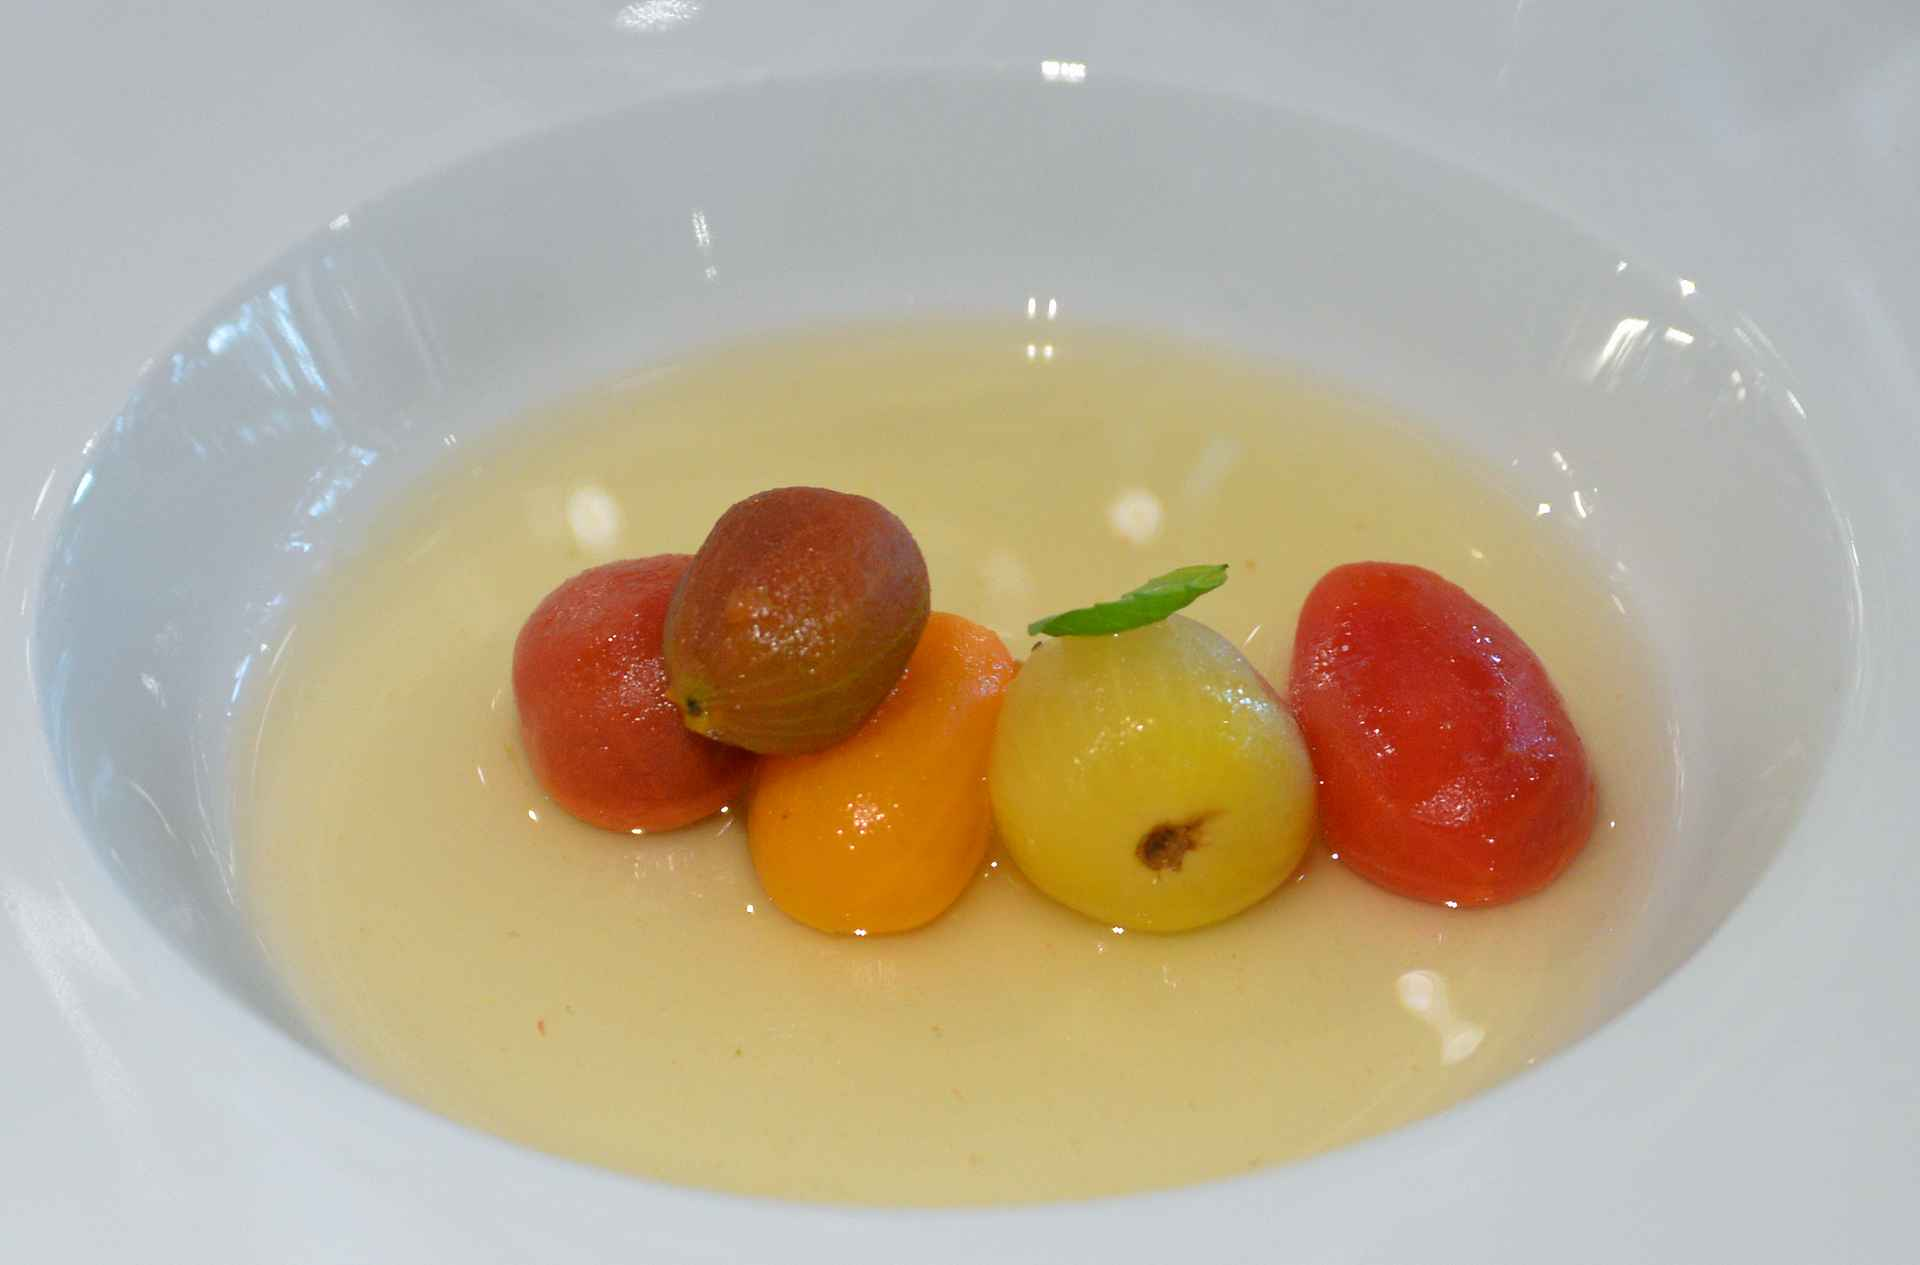 Chef's Menu - aloitusruokana tomaatteja viidellä tavalla a la Josean Alija. Annos oli niin tajunnan räjäyttävä, että rima nousi heti kattoon.